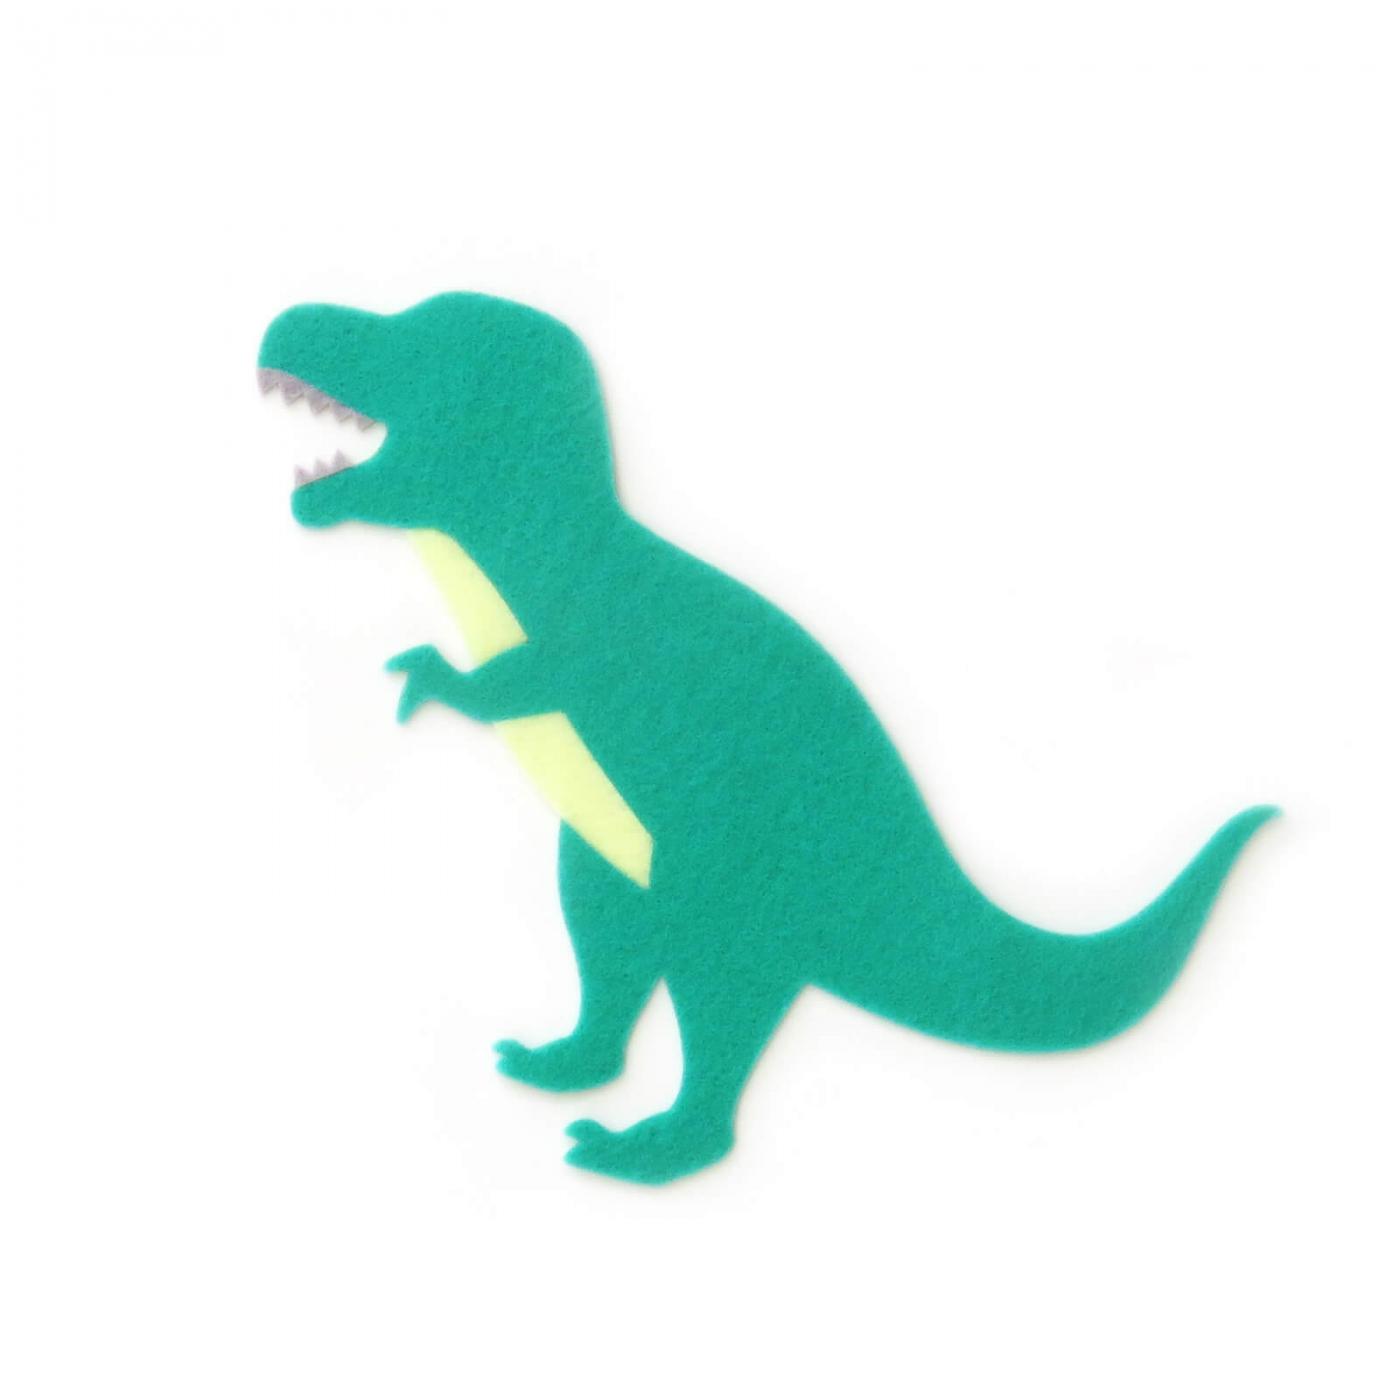 おしゃれなフェルトの恐竜のアップリケ(ワッペン)